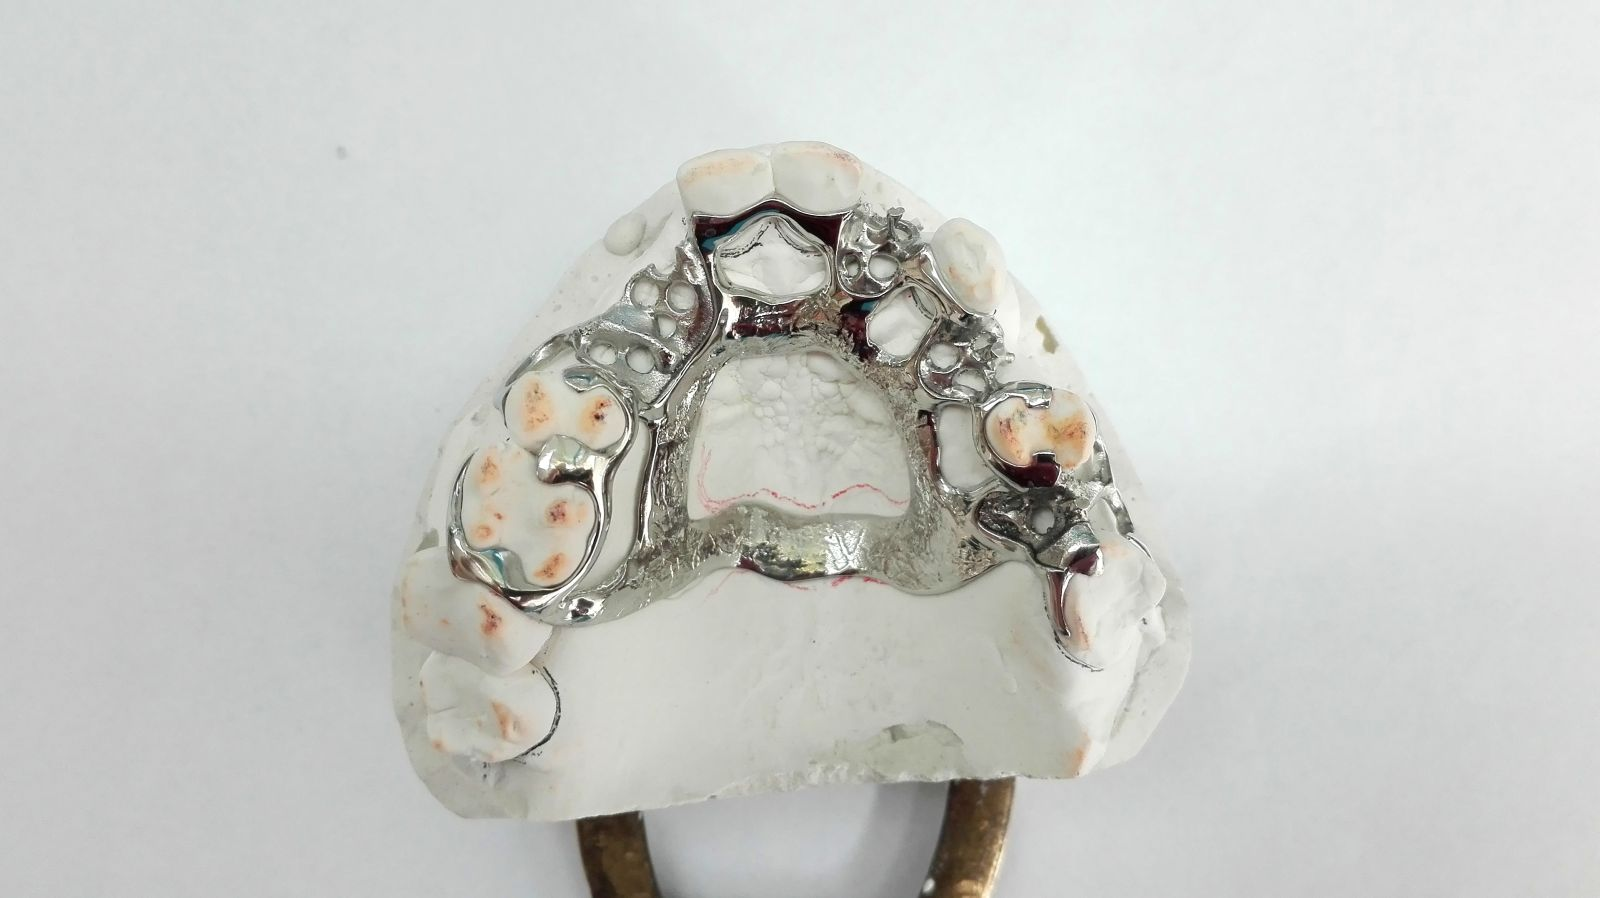 protezy szkieletowe w gdansku - Protezy szkieletowe